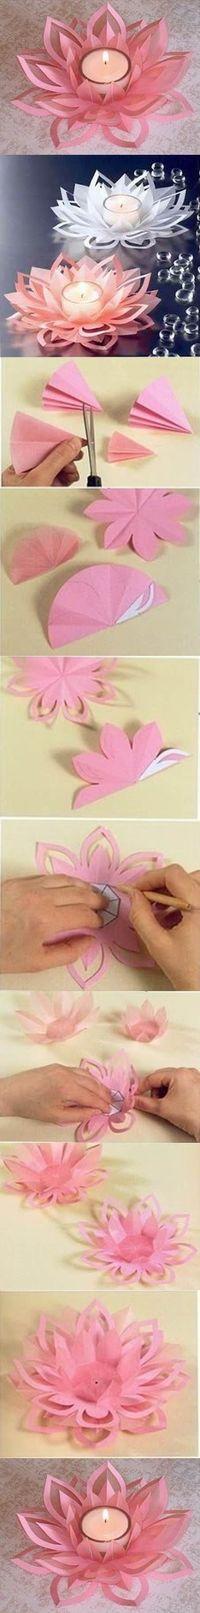 DIY Paper Lotus Candlestickdie die meinte ich, ich mag die sehr, die frage ist nur ob wir die machen können, oder ob das zu aufwendig ist